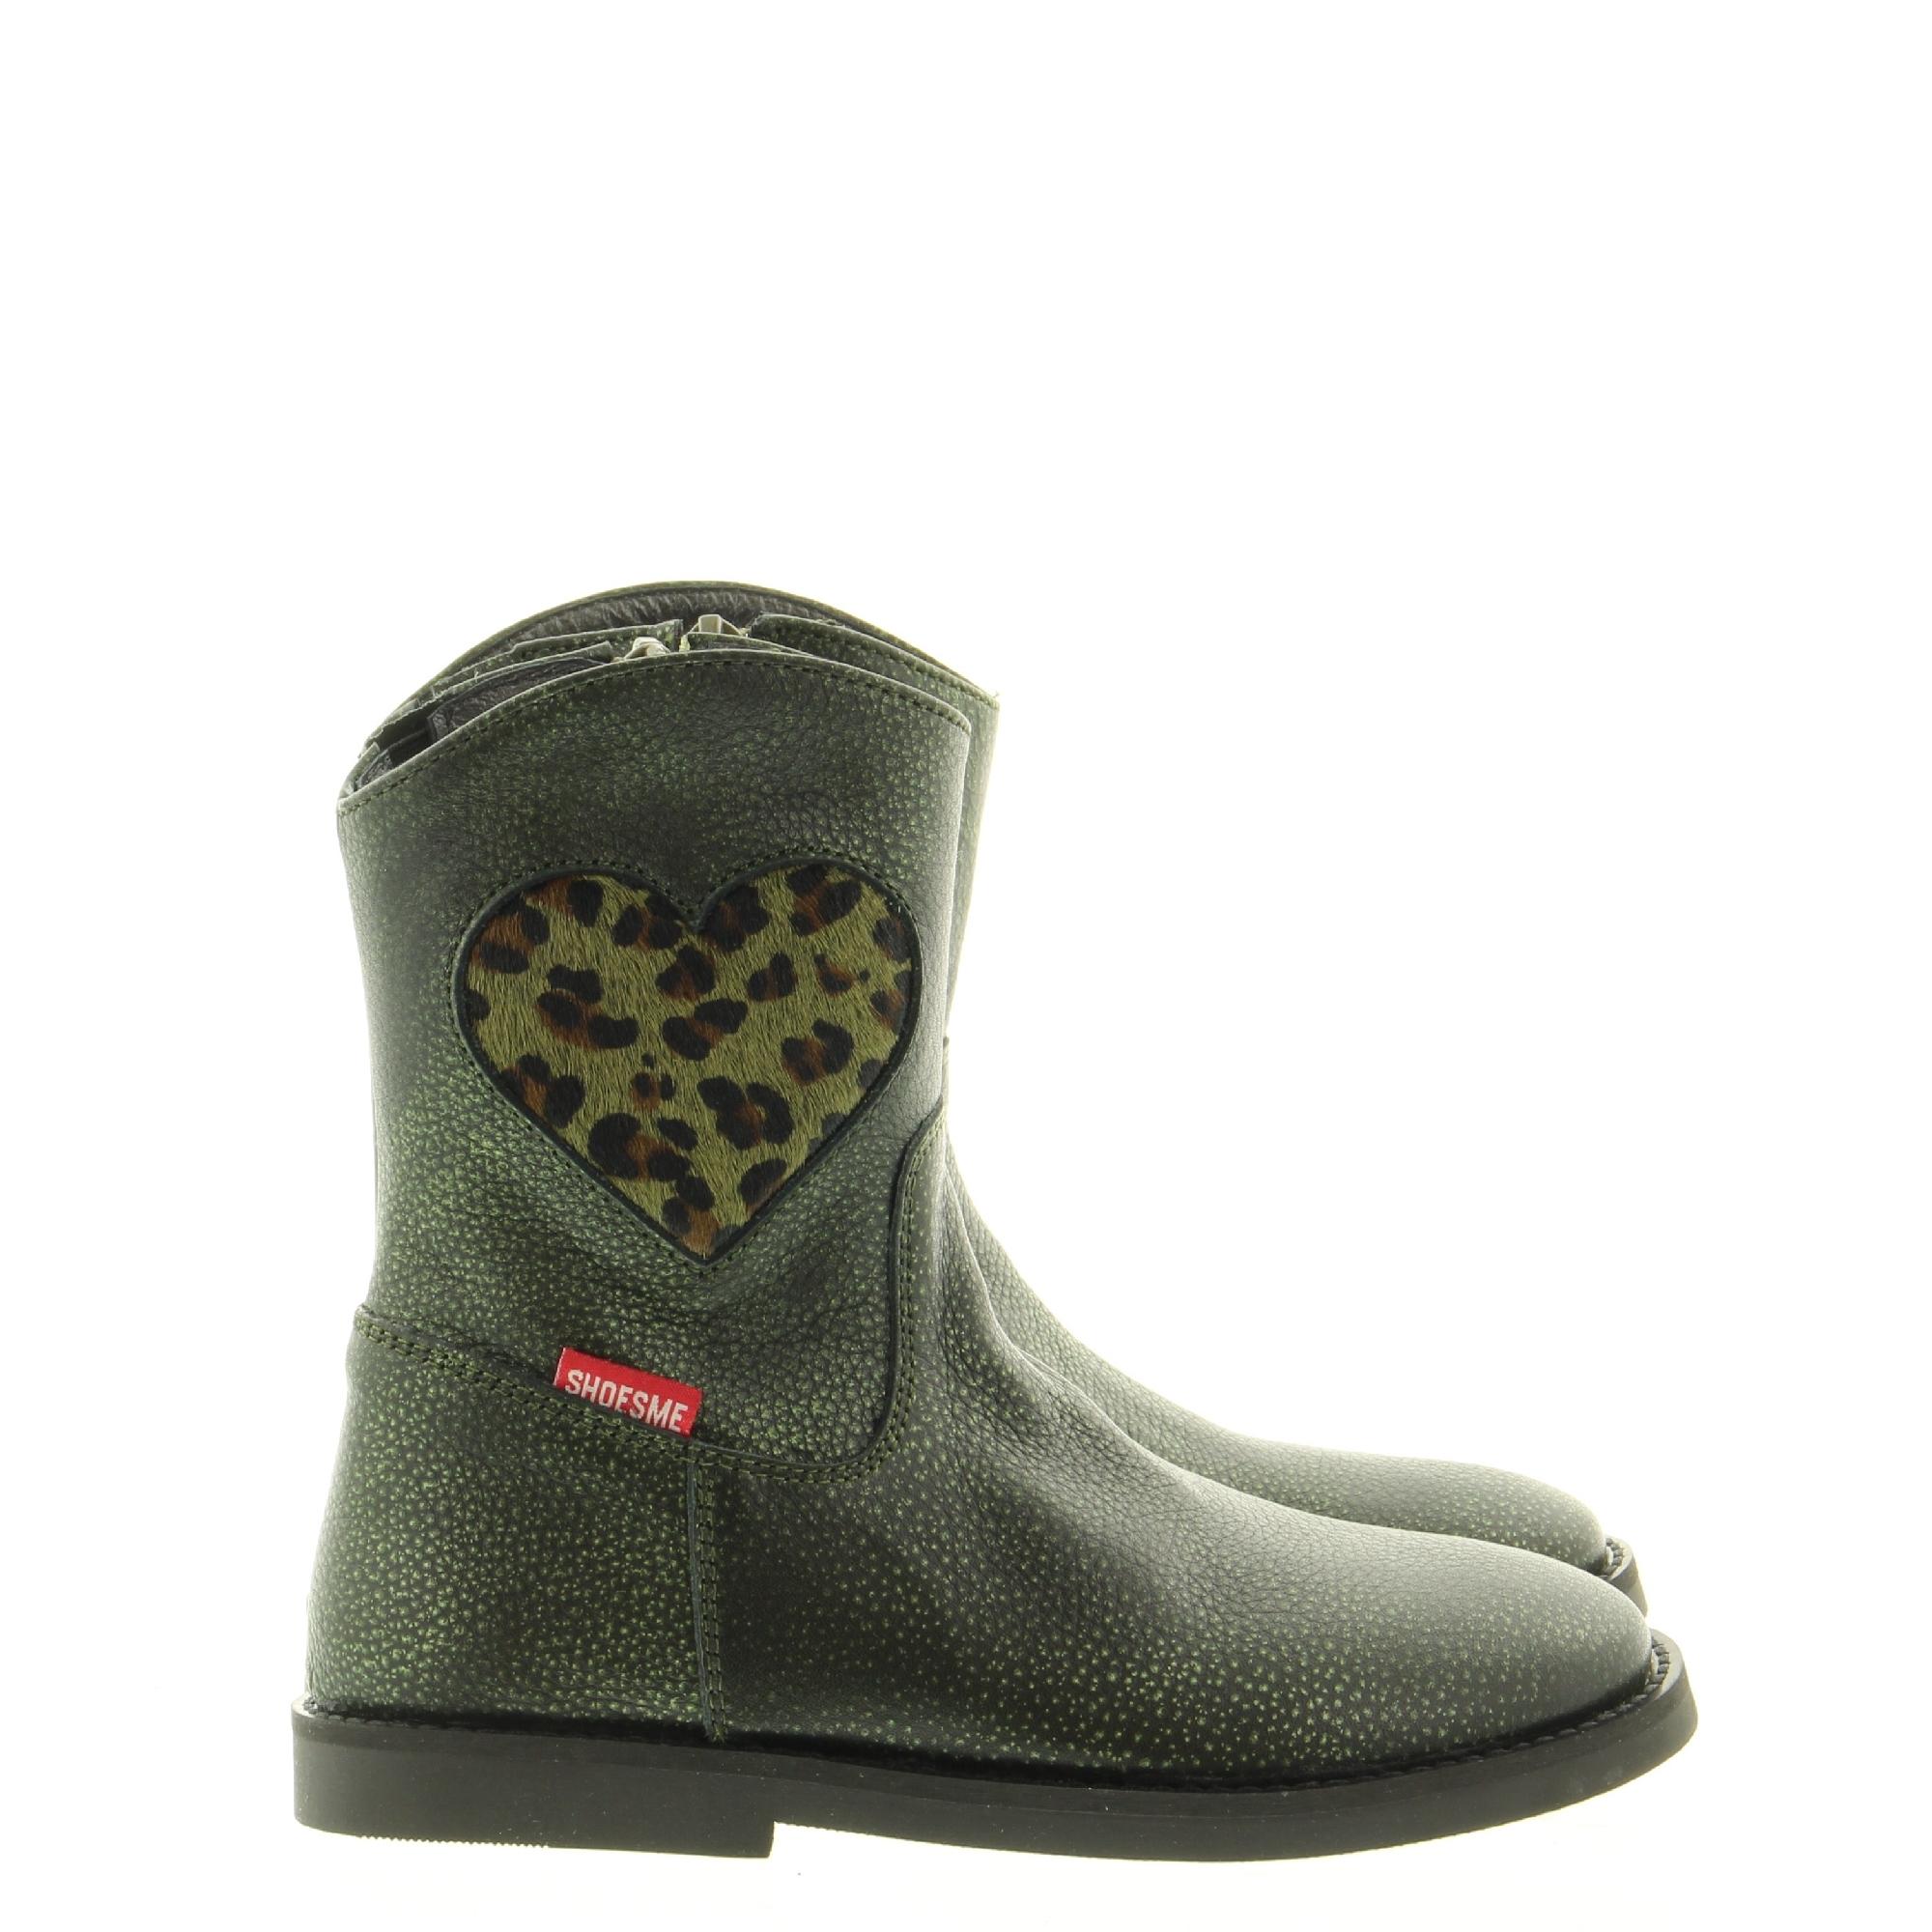 ShoesMe SI9W075-C Kaki